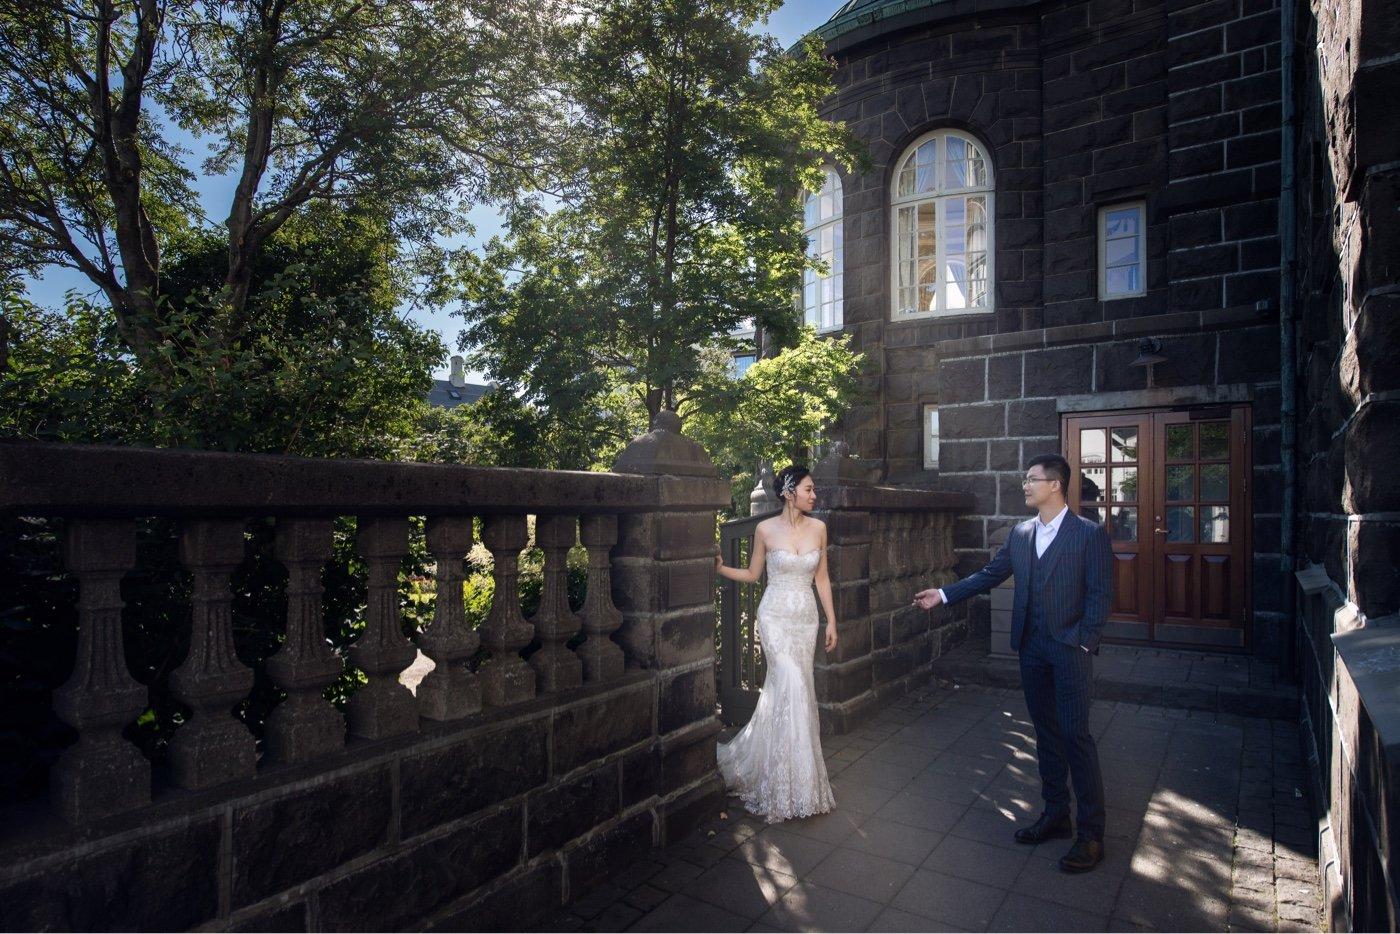 MoFoTo 冰岛婚纱旅拍6